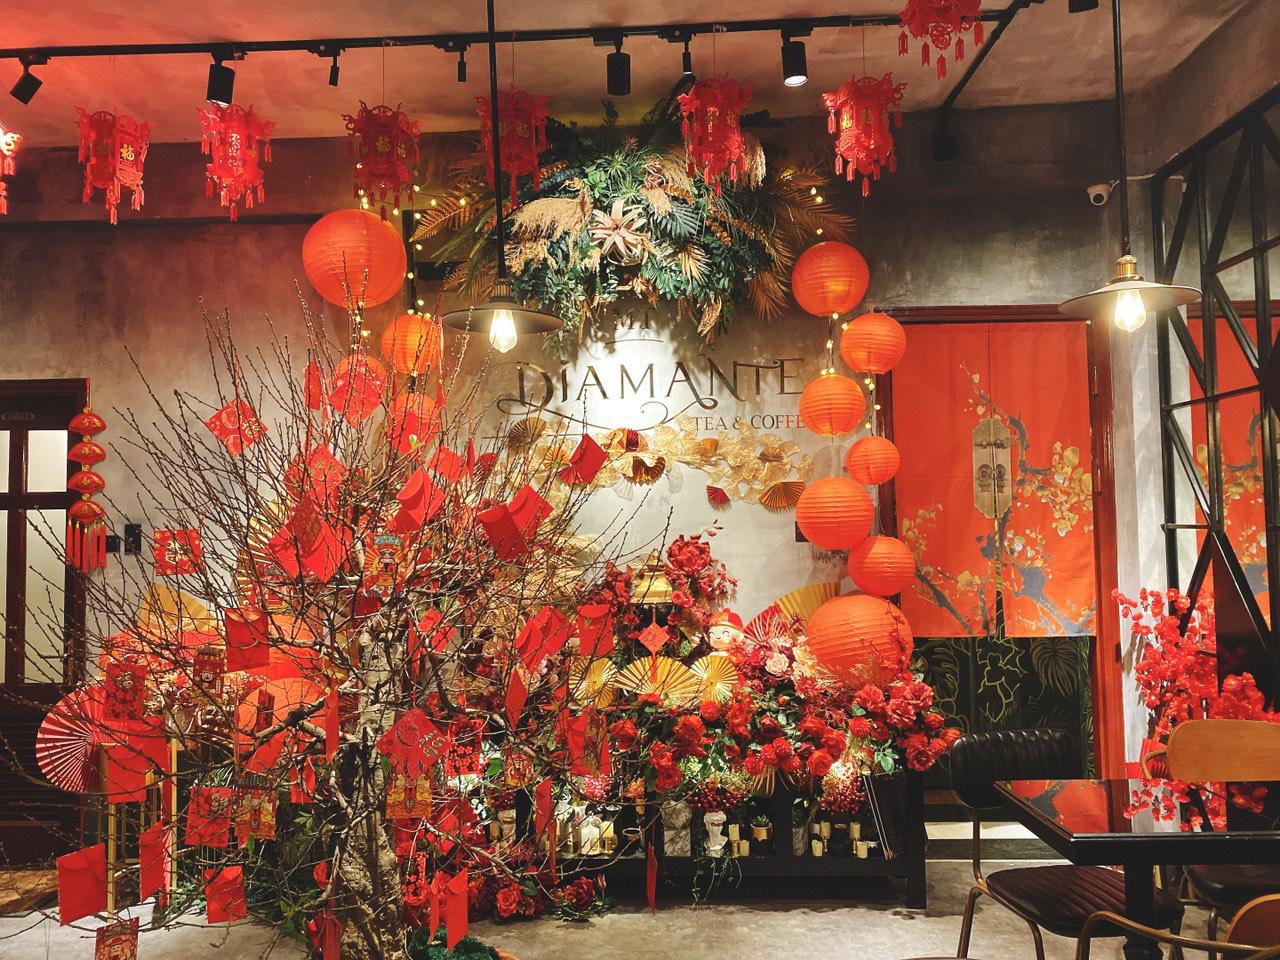 Top những quán cà phê view đẹp ở Hà Nội - Ảnh 12.